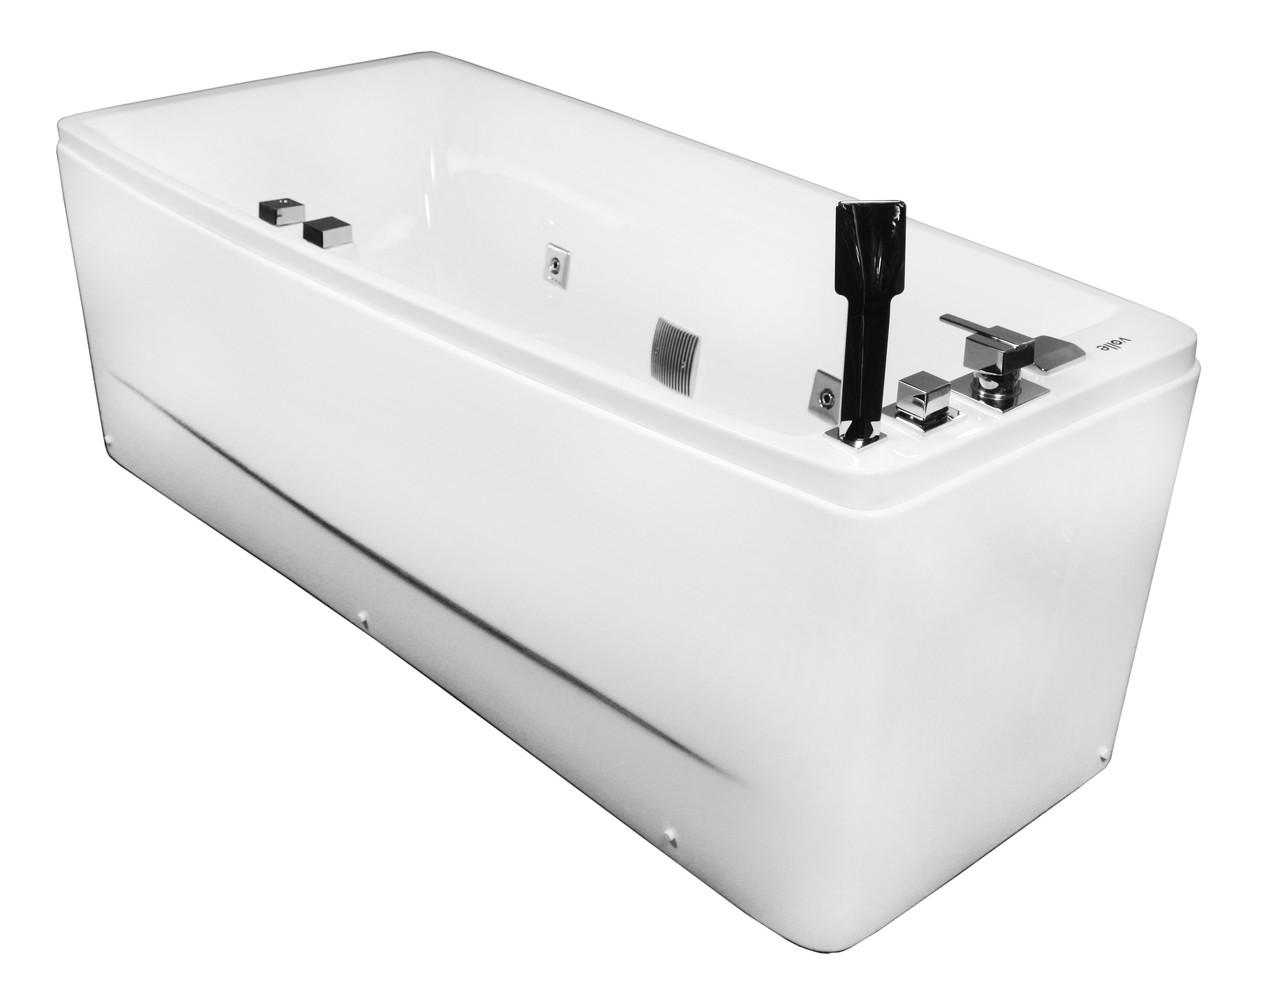 Ванна асимметричная гидромассажная левая, акриловая VOLLE (12-88-102/L)